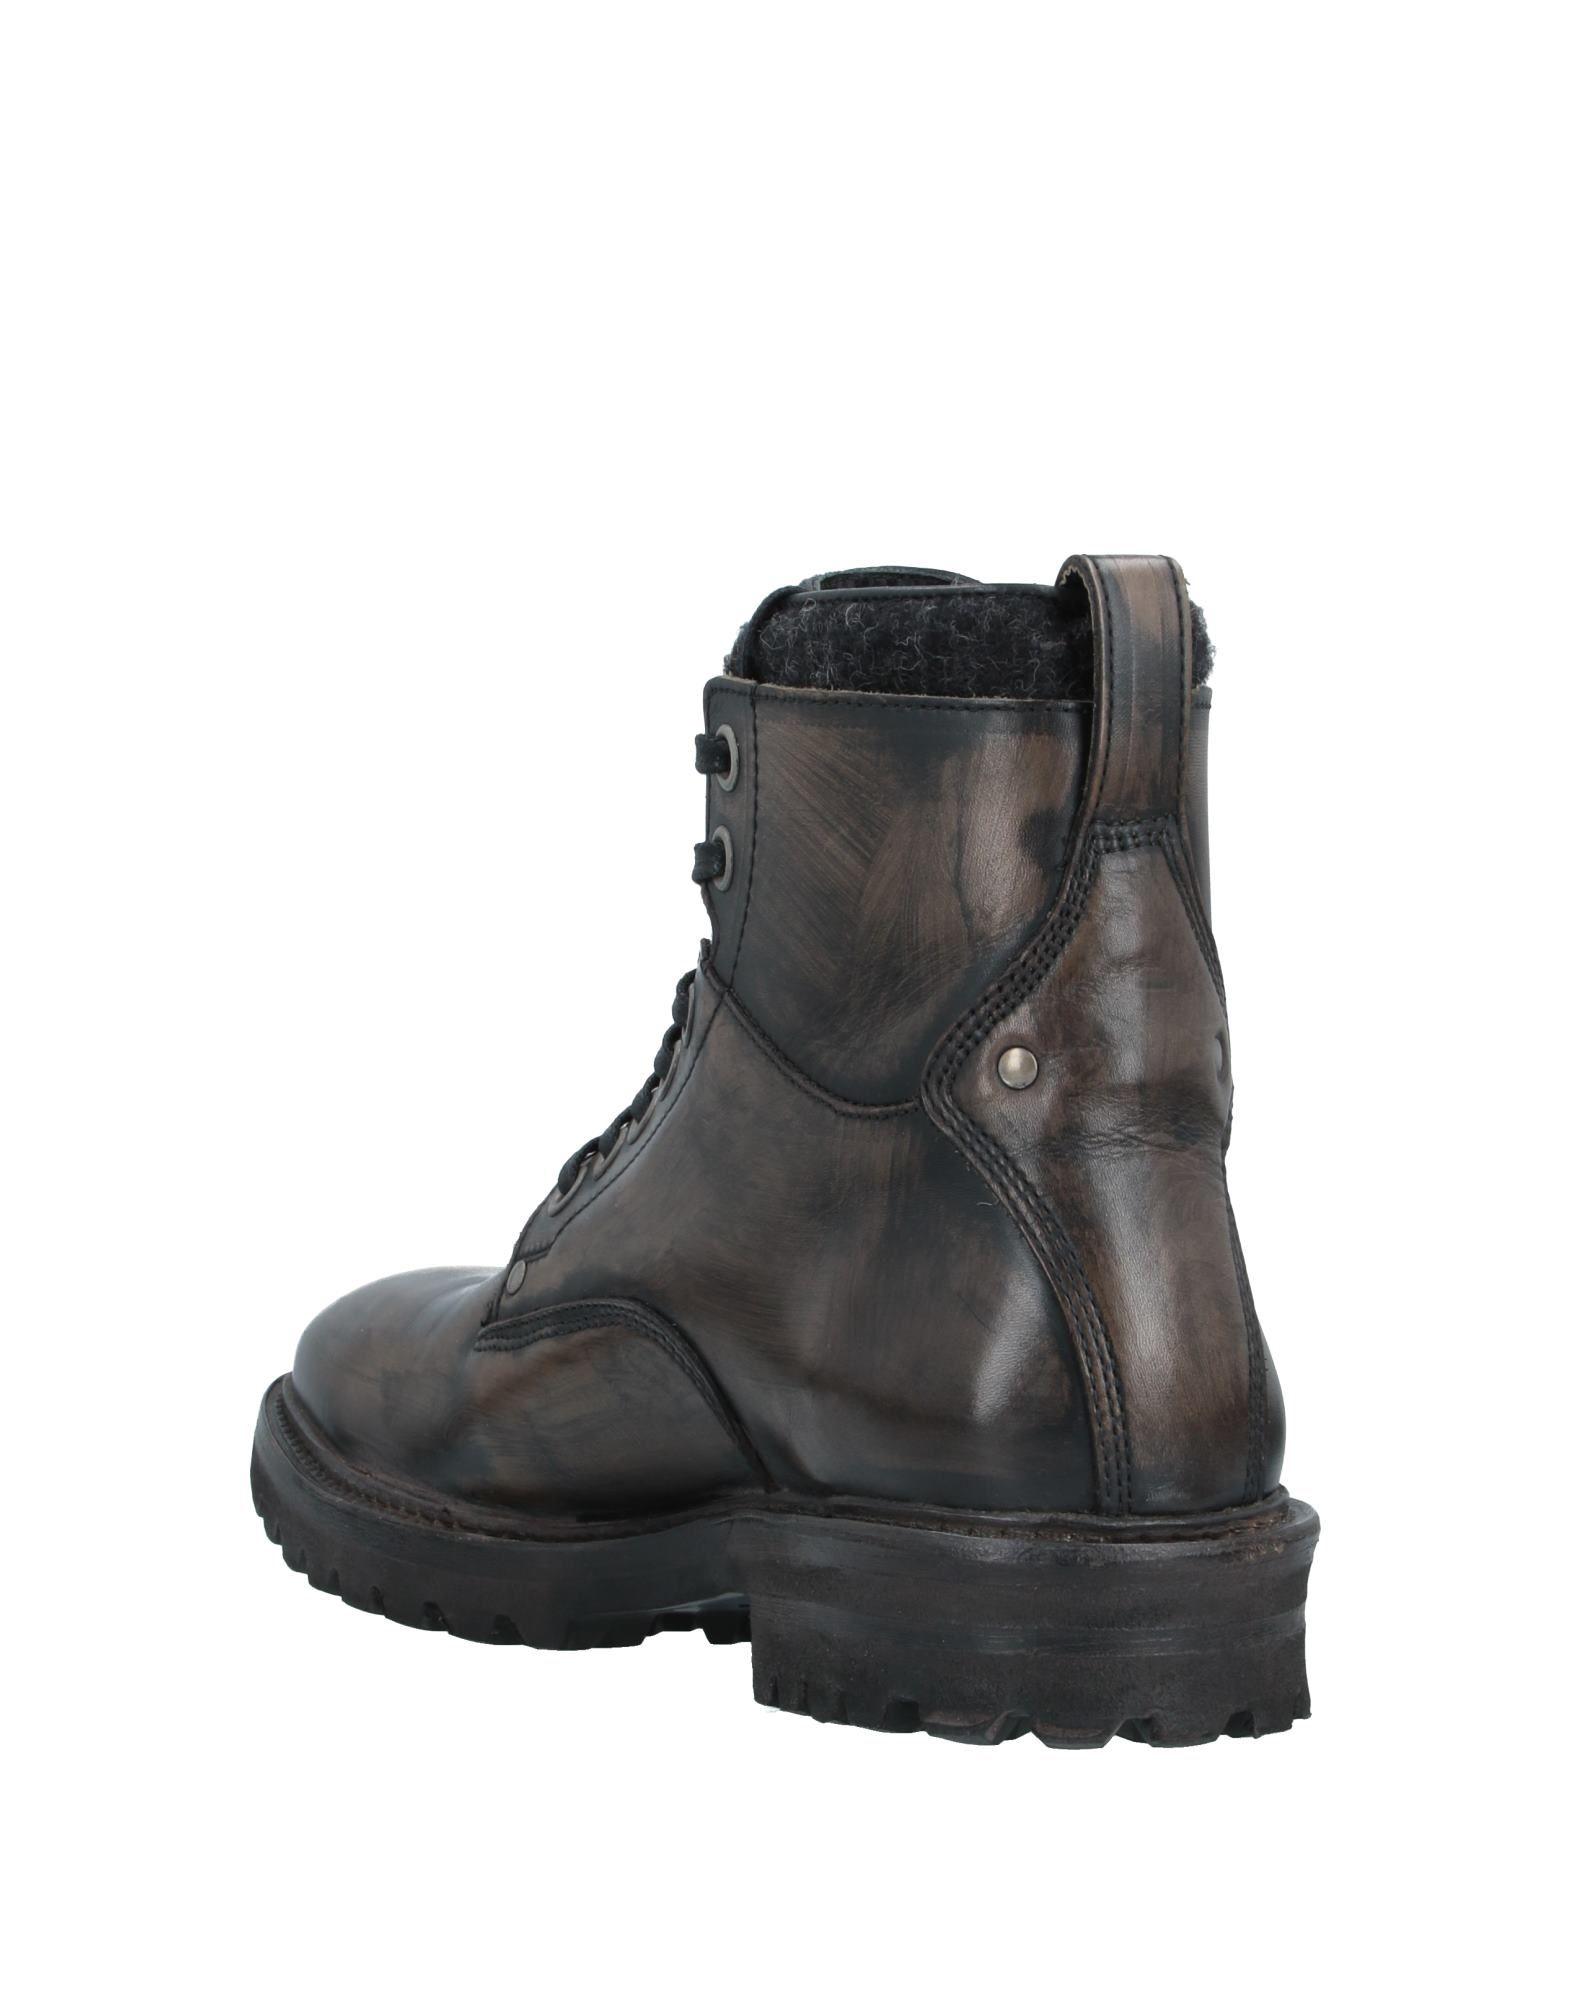 John Varvatos Schuhe Stiefelette Herren  11535873WB Neue Schuhe Varvatos 1ac0b3